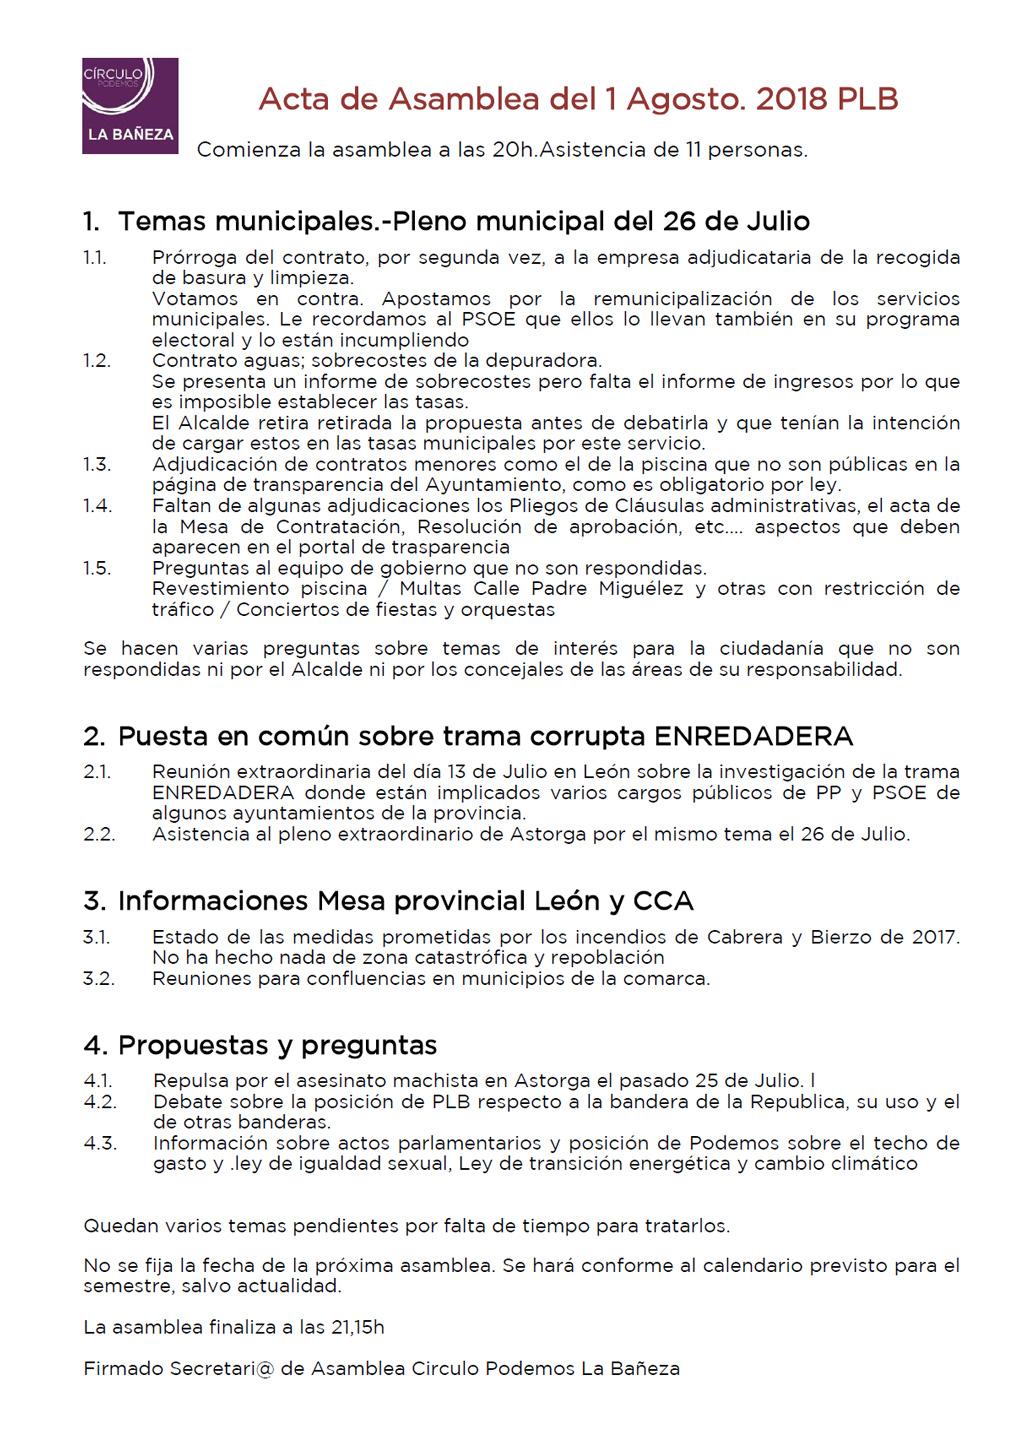 180801-Acta-Asamblea-PLB